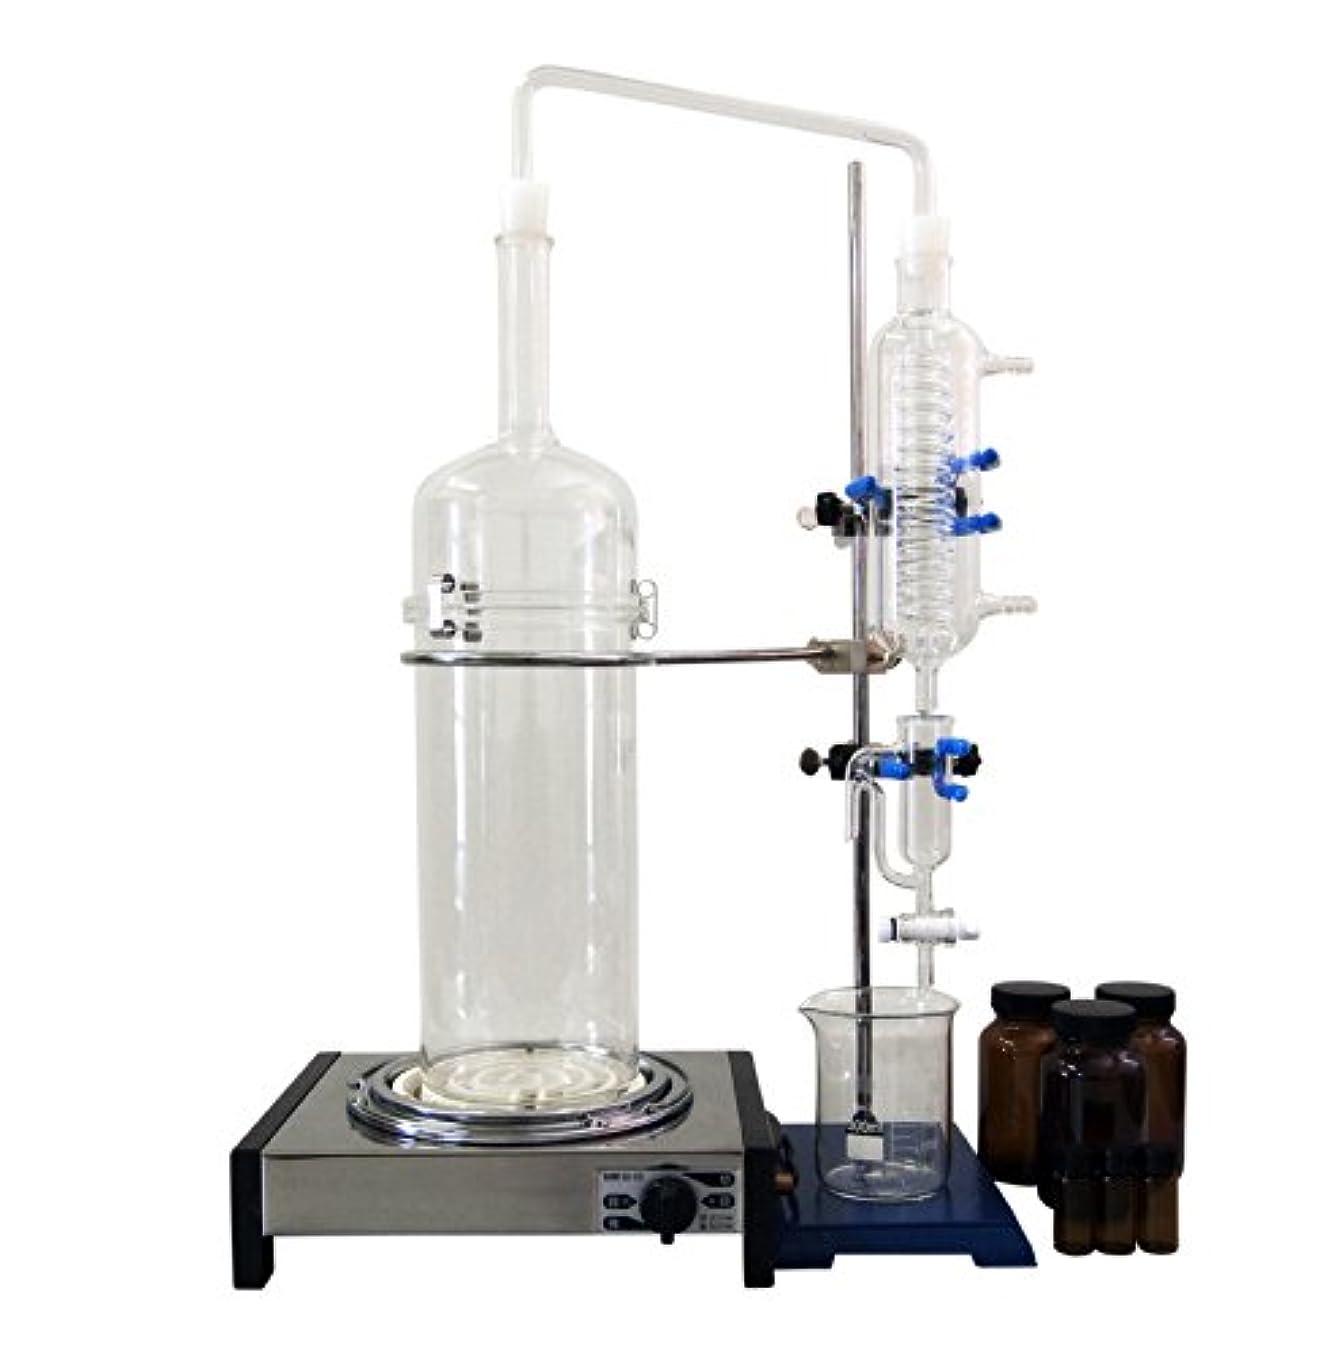 組み合わせキャメル試験ハーブ蒸留器/ピュアスティーラーライト/K-HJ200(OilSP) 簡易水循環装置セット